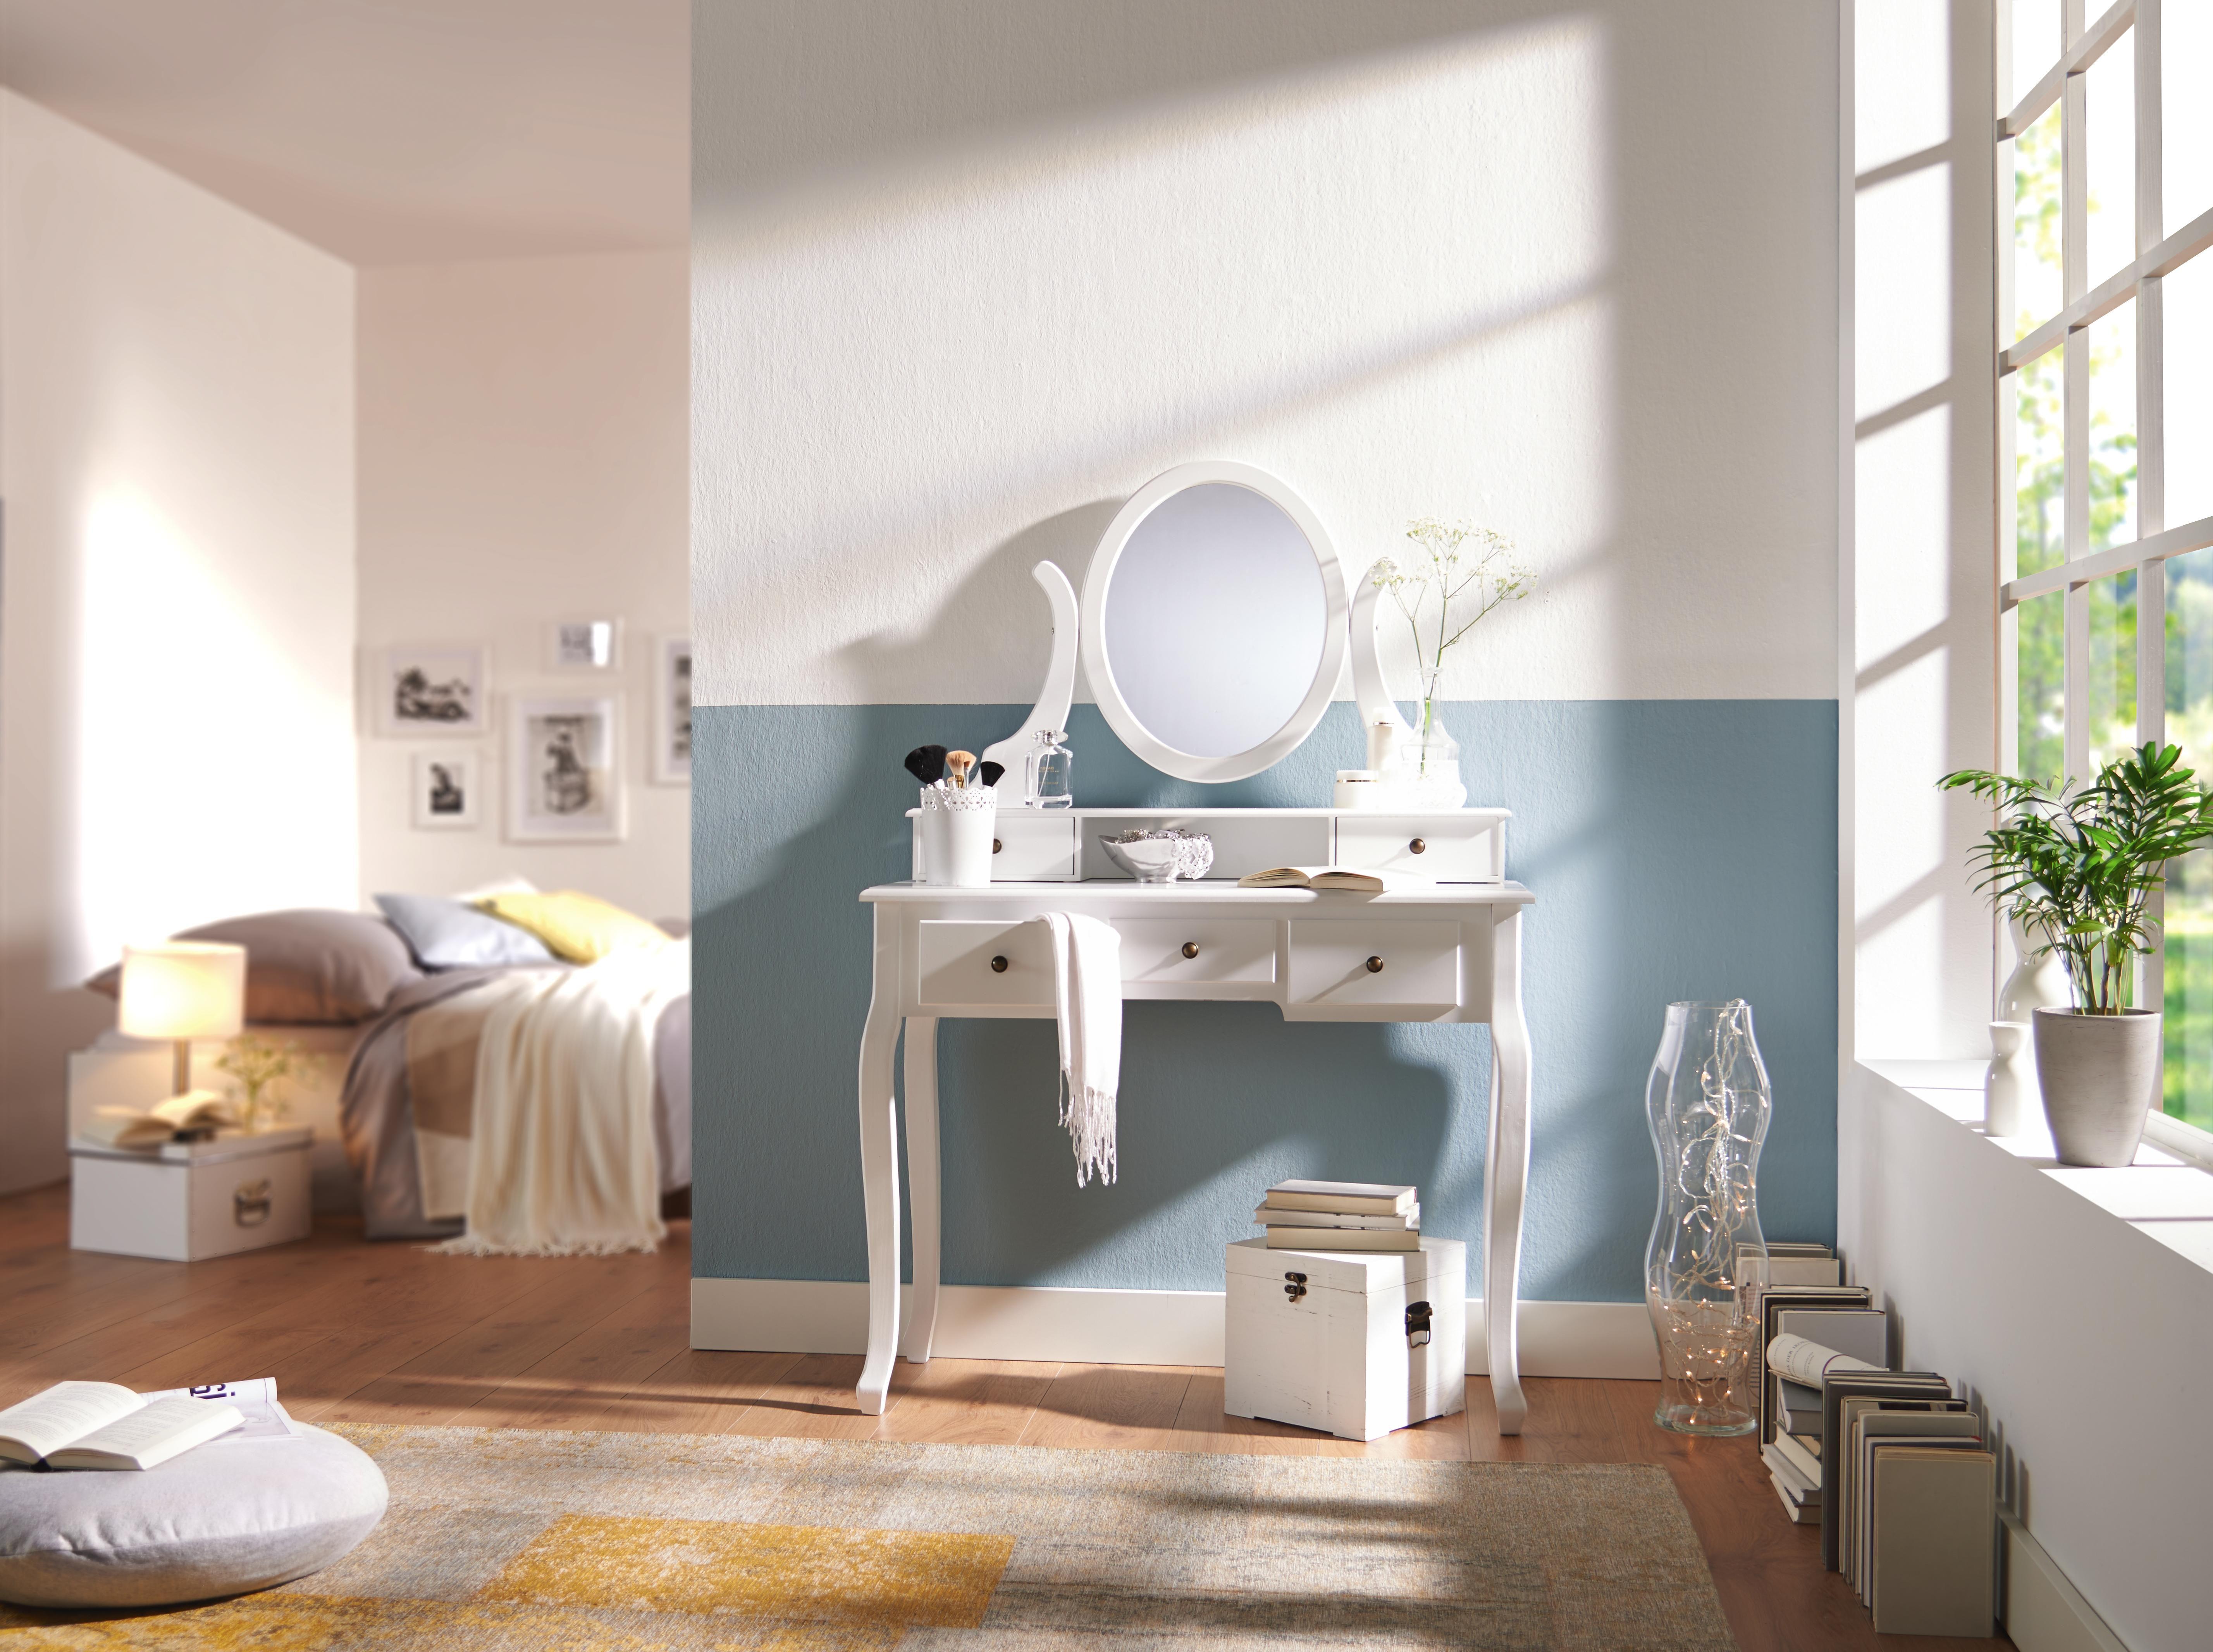 Cool Schlafzimmer Mit Ankleidezimmer Beste Wahl An Diesem Schminktisch Könnt Ihr Eure Morgenroutine